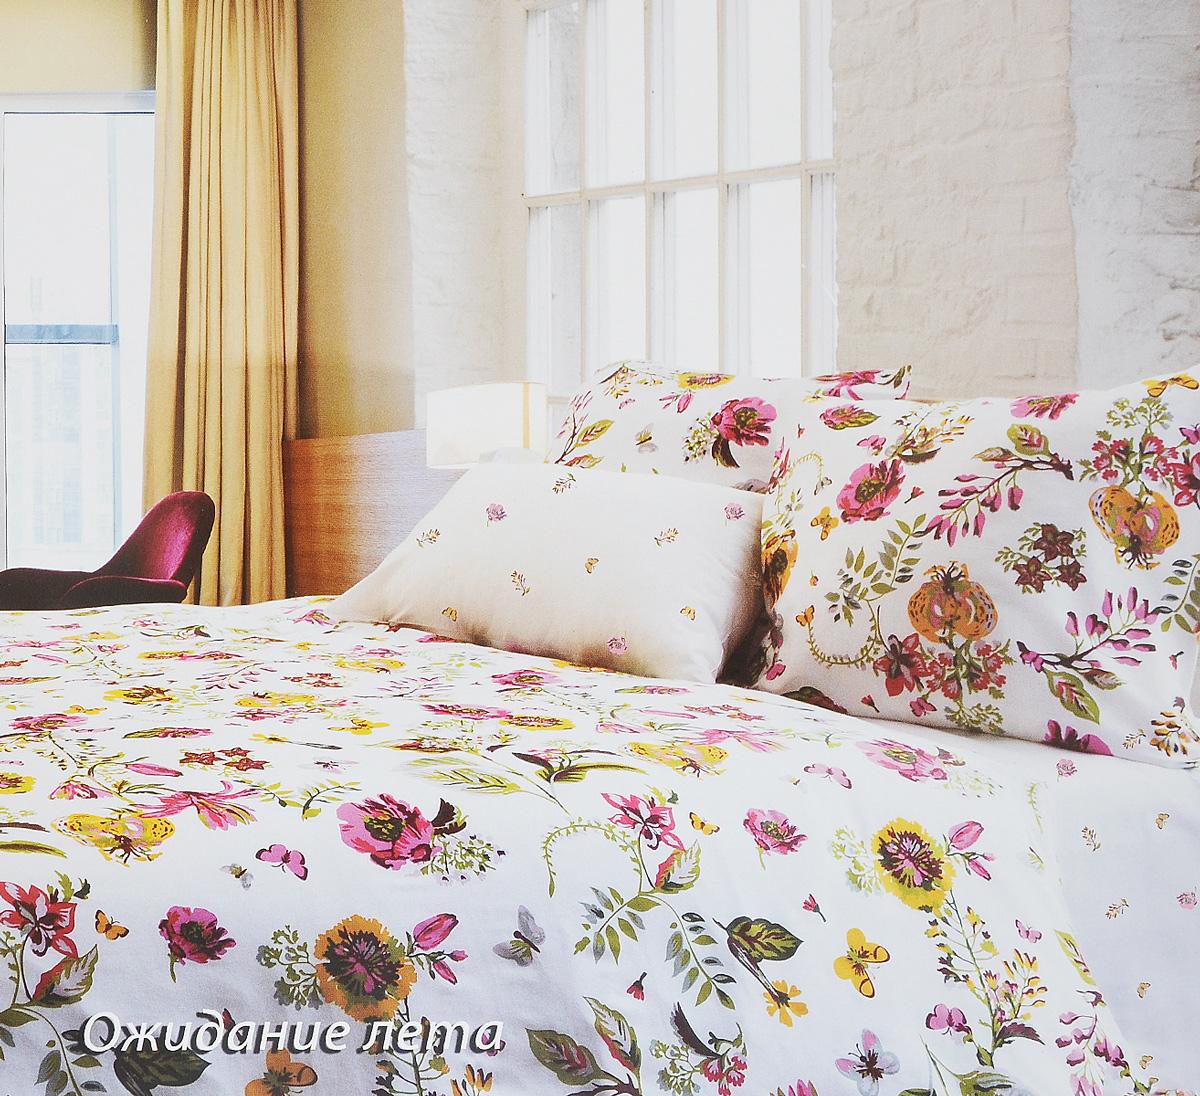 Комплект белья Tiffanys Secret Ожидание лета, евро, наволочки 50х70, цвет: белый, розовый, желтый2040816126Комплект постельного белья Tiffanys Secret Ожидание лета является экологически безопасным для всей семьи, так как выполнен из сатина (100% хлопок). Комплект состоит из пододеяльника, простыни и двух наволочек. Предметы комплекта оформлены оригинальным рисунком.Благодаря такому комплекту постельного белья вы сможете создать атмосферу уюта и комфорта в вашей спальне.Сатин - это ткань, навсегда покорившая сердца человечества. Ценившие роскошь персы называли ее атлас, а искушенные в прекрасном французы - сатин. Секрет высококачественного сатина в безупречности всего технологического процесса. Эту благородную ткань делают только из отборной натуральной пряжи, которую получают из самого лучшего тонковолокнистого хлопка. Благодаря использованию самой тонкой хлопковой нити получается необычайно мягкое и нежное полотно. Сатиновое постельное белье превращает жаркие летние ночи в прохладные и освежающие, а холодные зимние - в теплые и согревающие. Сатин очень приятен на ощупь, постельное белье из него долговечно, выдерживает более 300 стирок, и лишь спустя долгое время материал начинает немного тускнеть. Оцените все достоинства постельного белья из сатина, выбирая самое лучшее для себя!